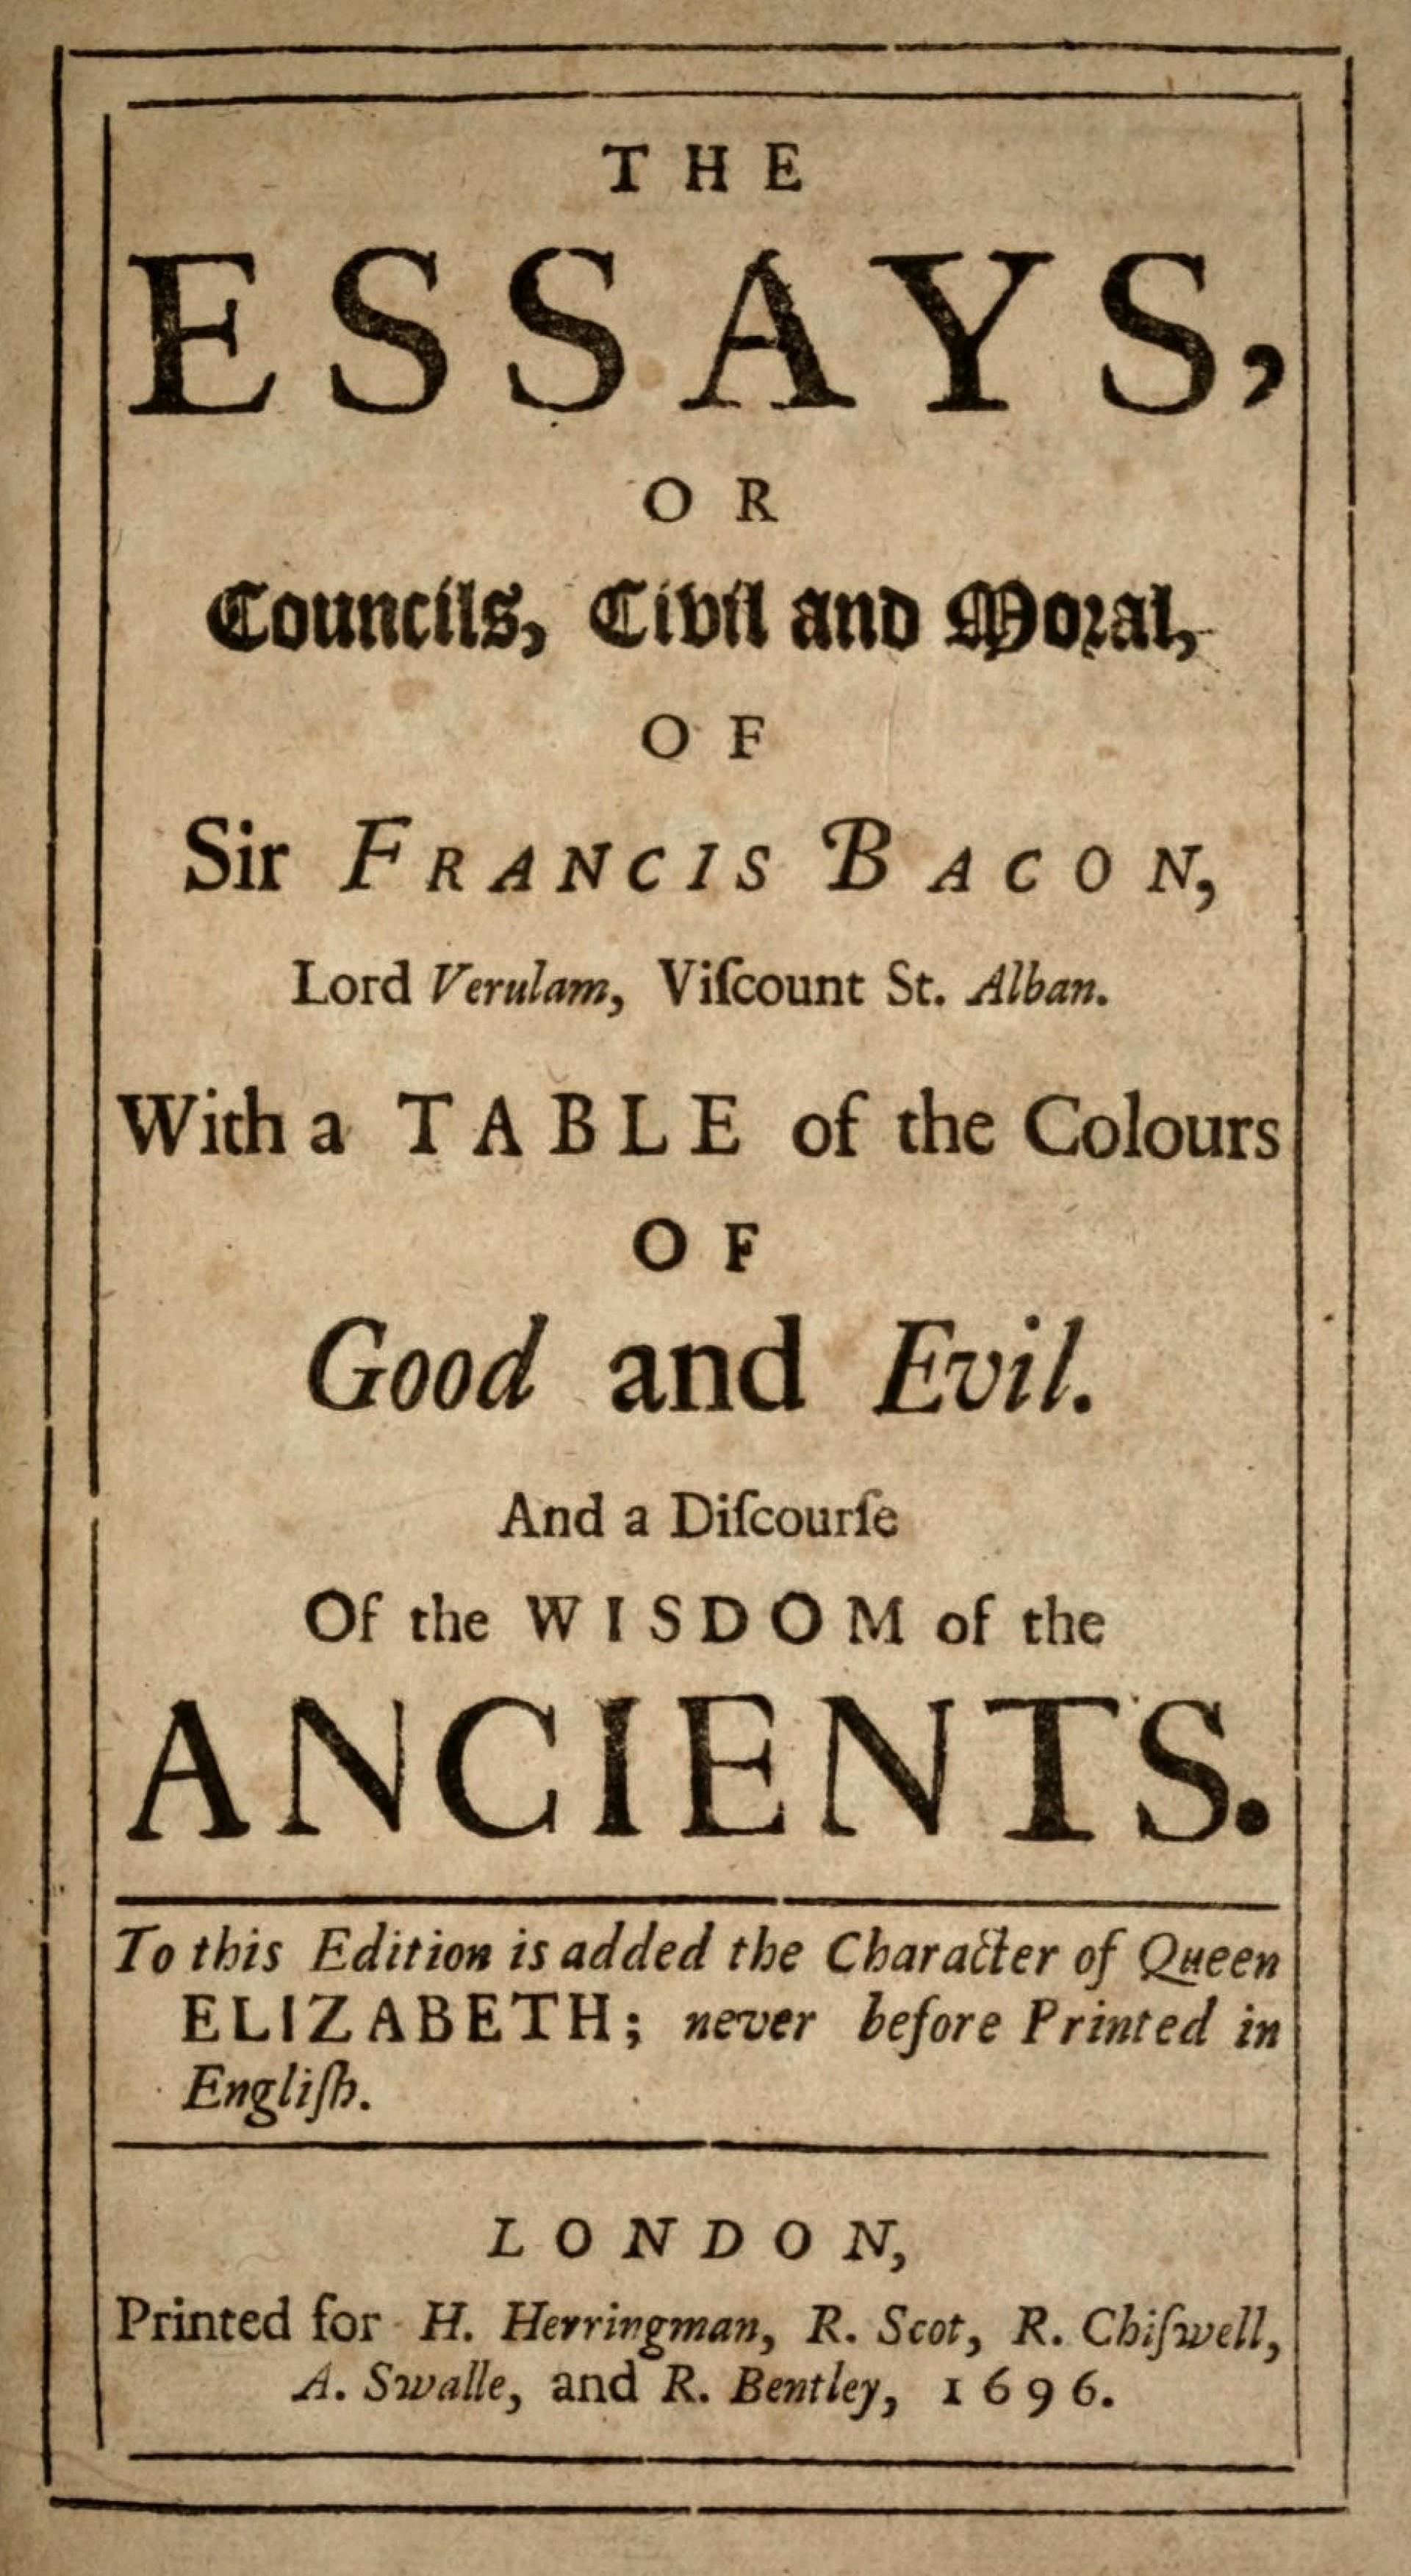 001 Bacons Essays Bacon 1696 Essay Amazing Francis Google Books Of Truth Quiz Bacon's Summary 1920